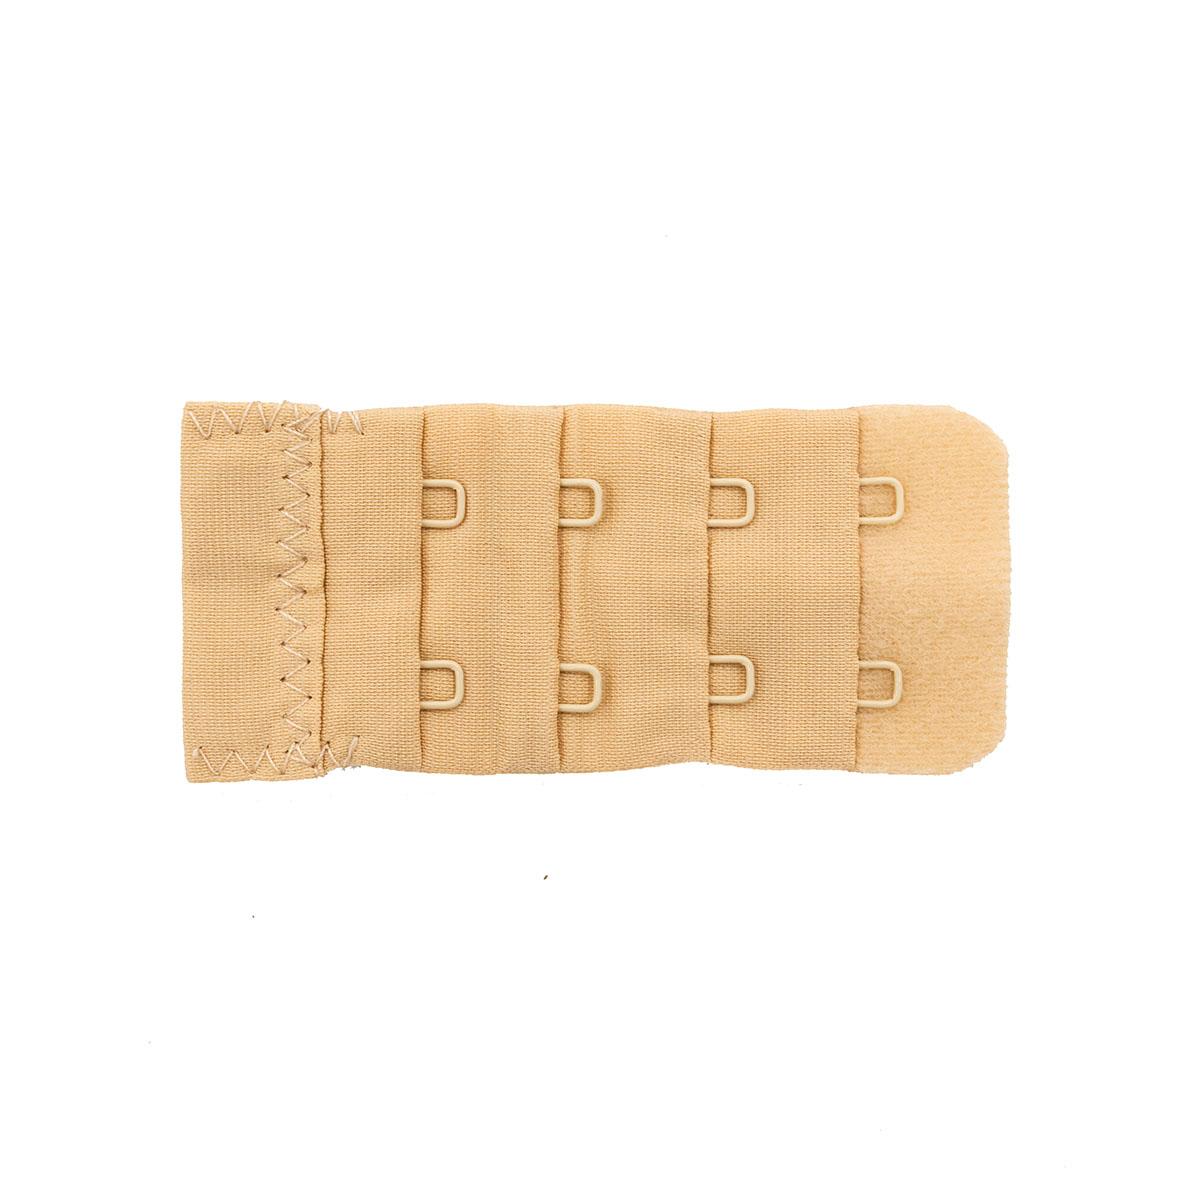 852003 Застежка для увеличения объема бюстгальтера, телесный, 2 крючка, Hobby&Pro